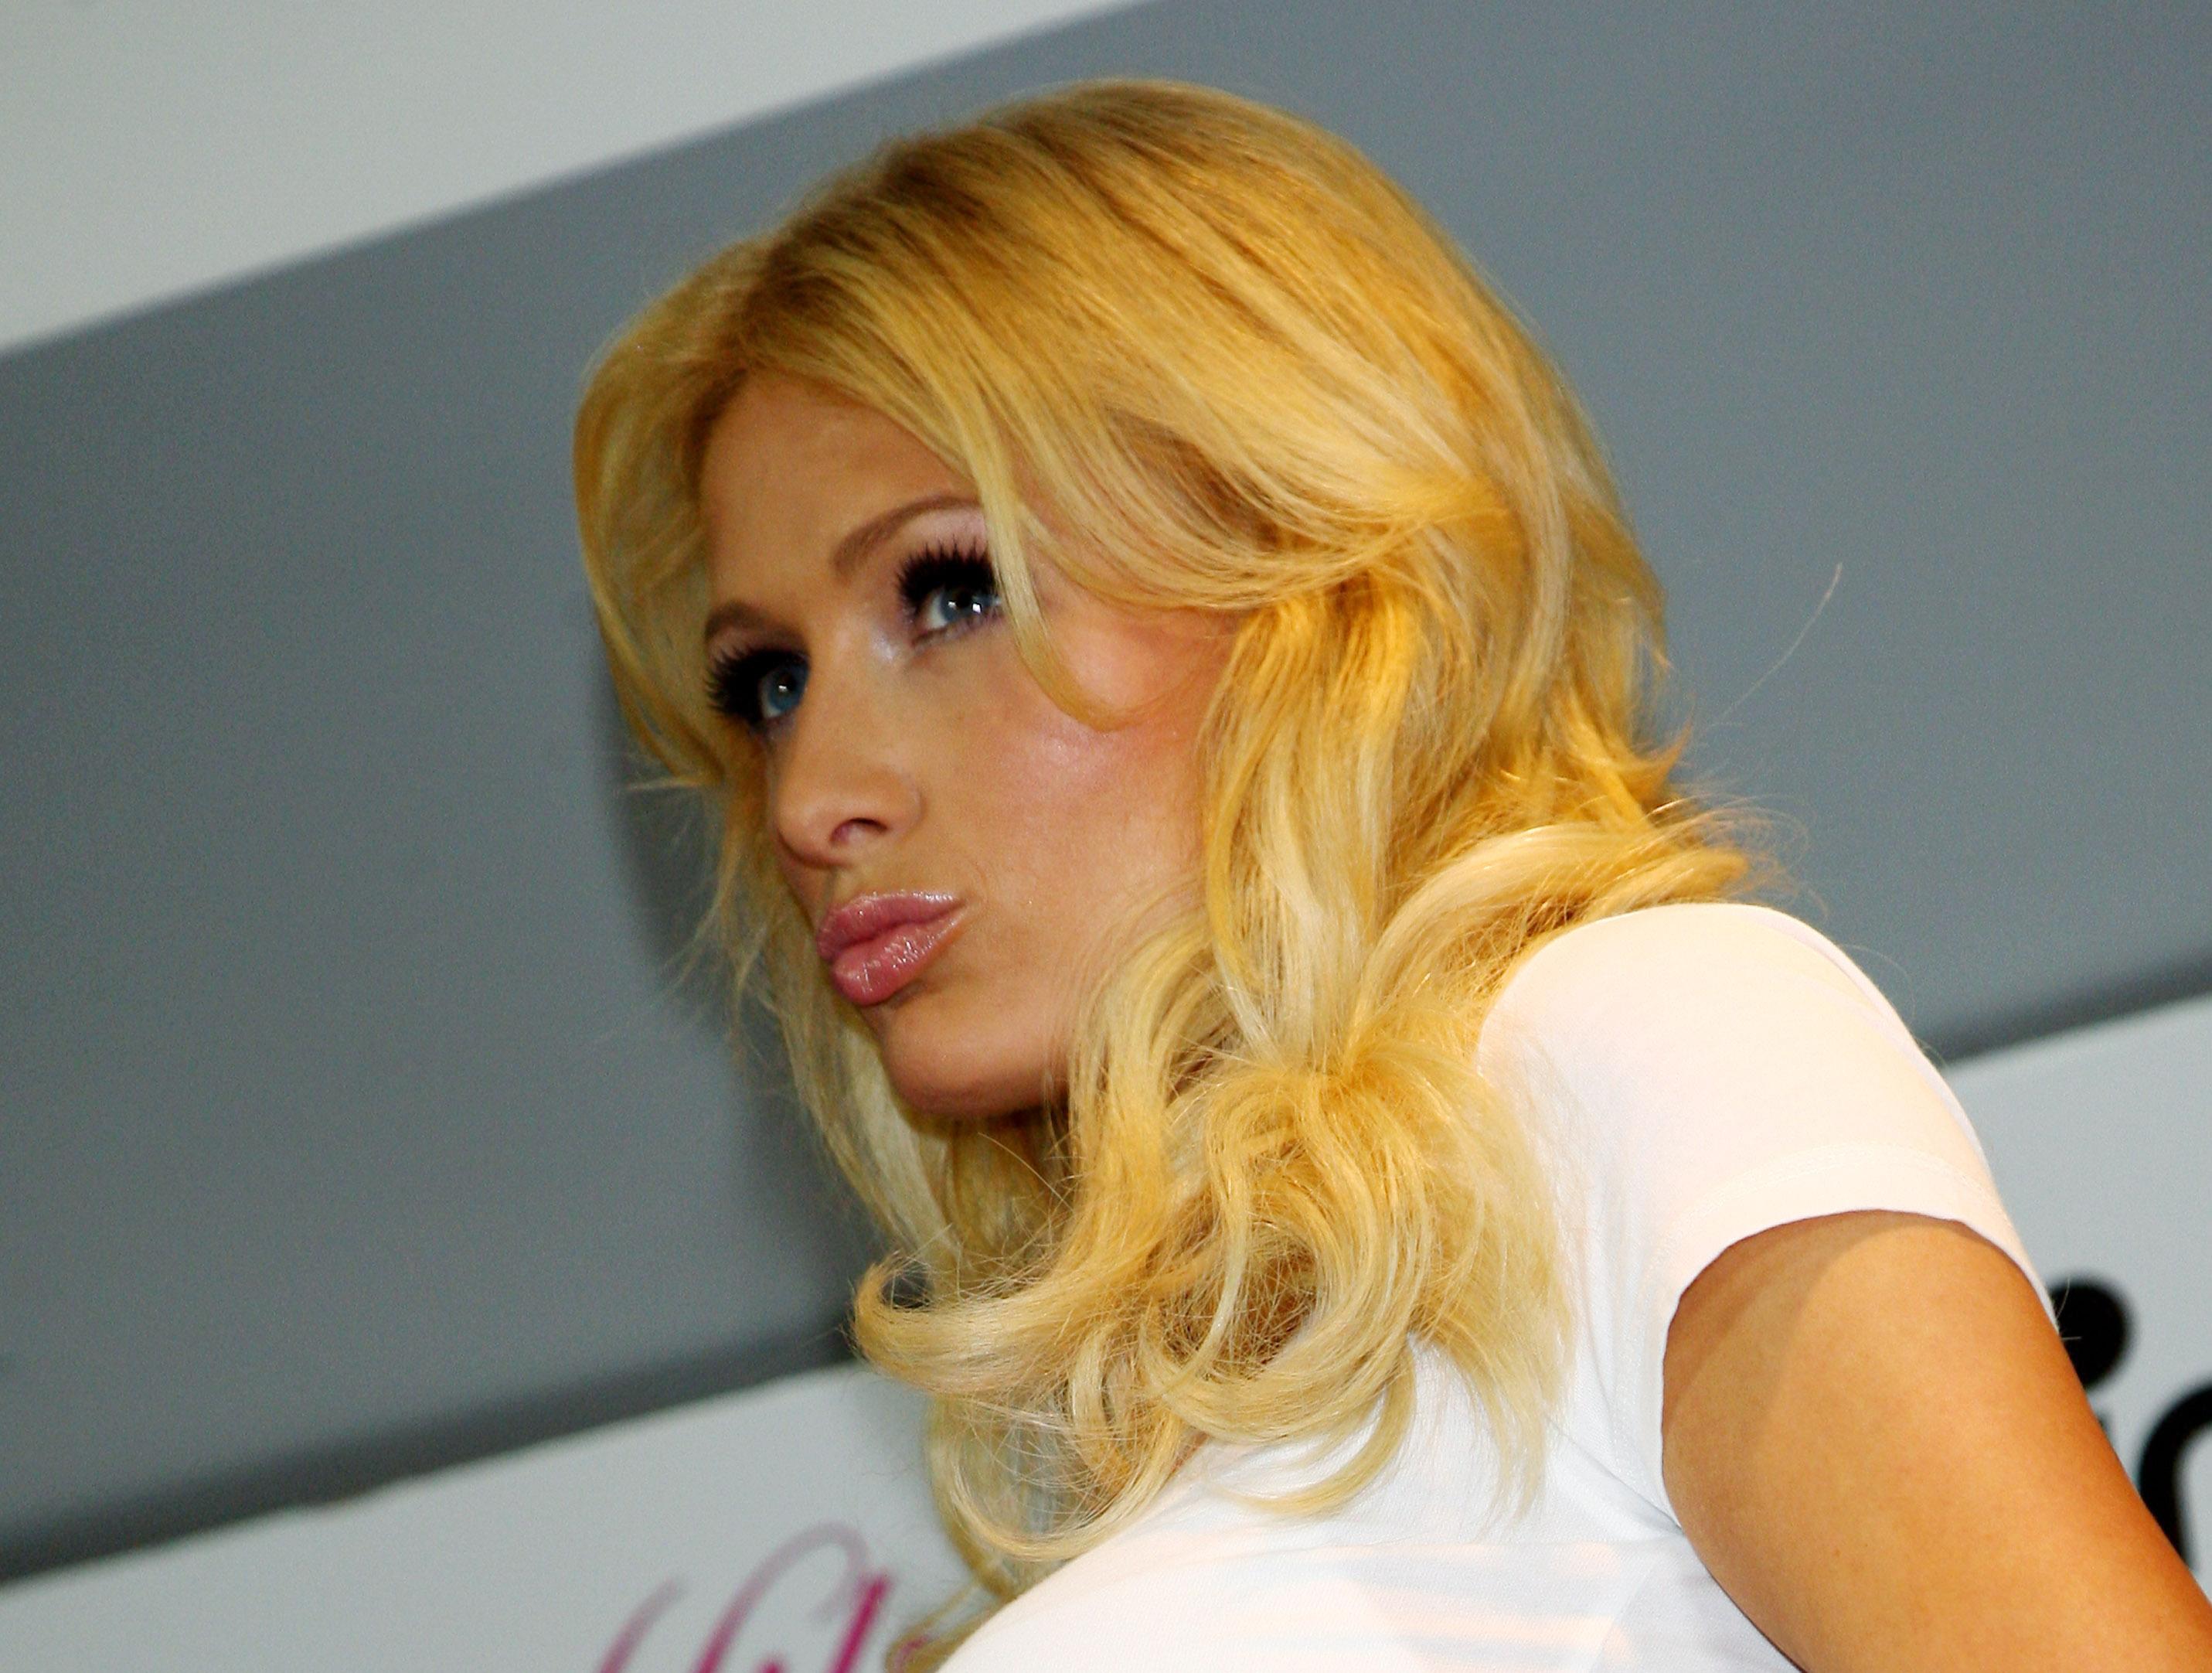 11303_Celebutopia-Paris_Hilton-Launch_of_Paris_Hilton_clothing_line-25_122_193lo.jpg